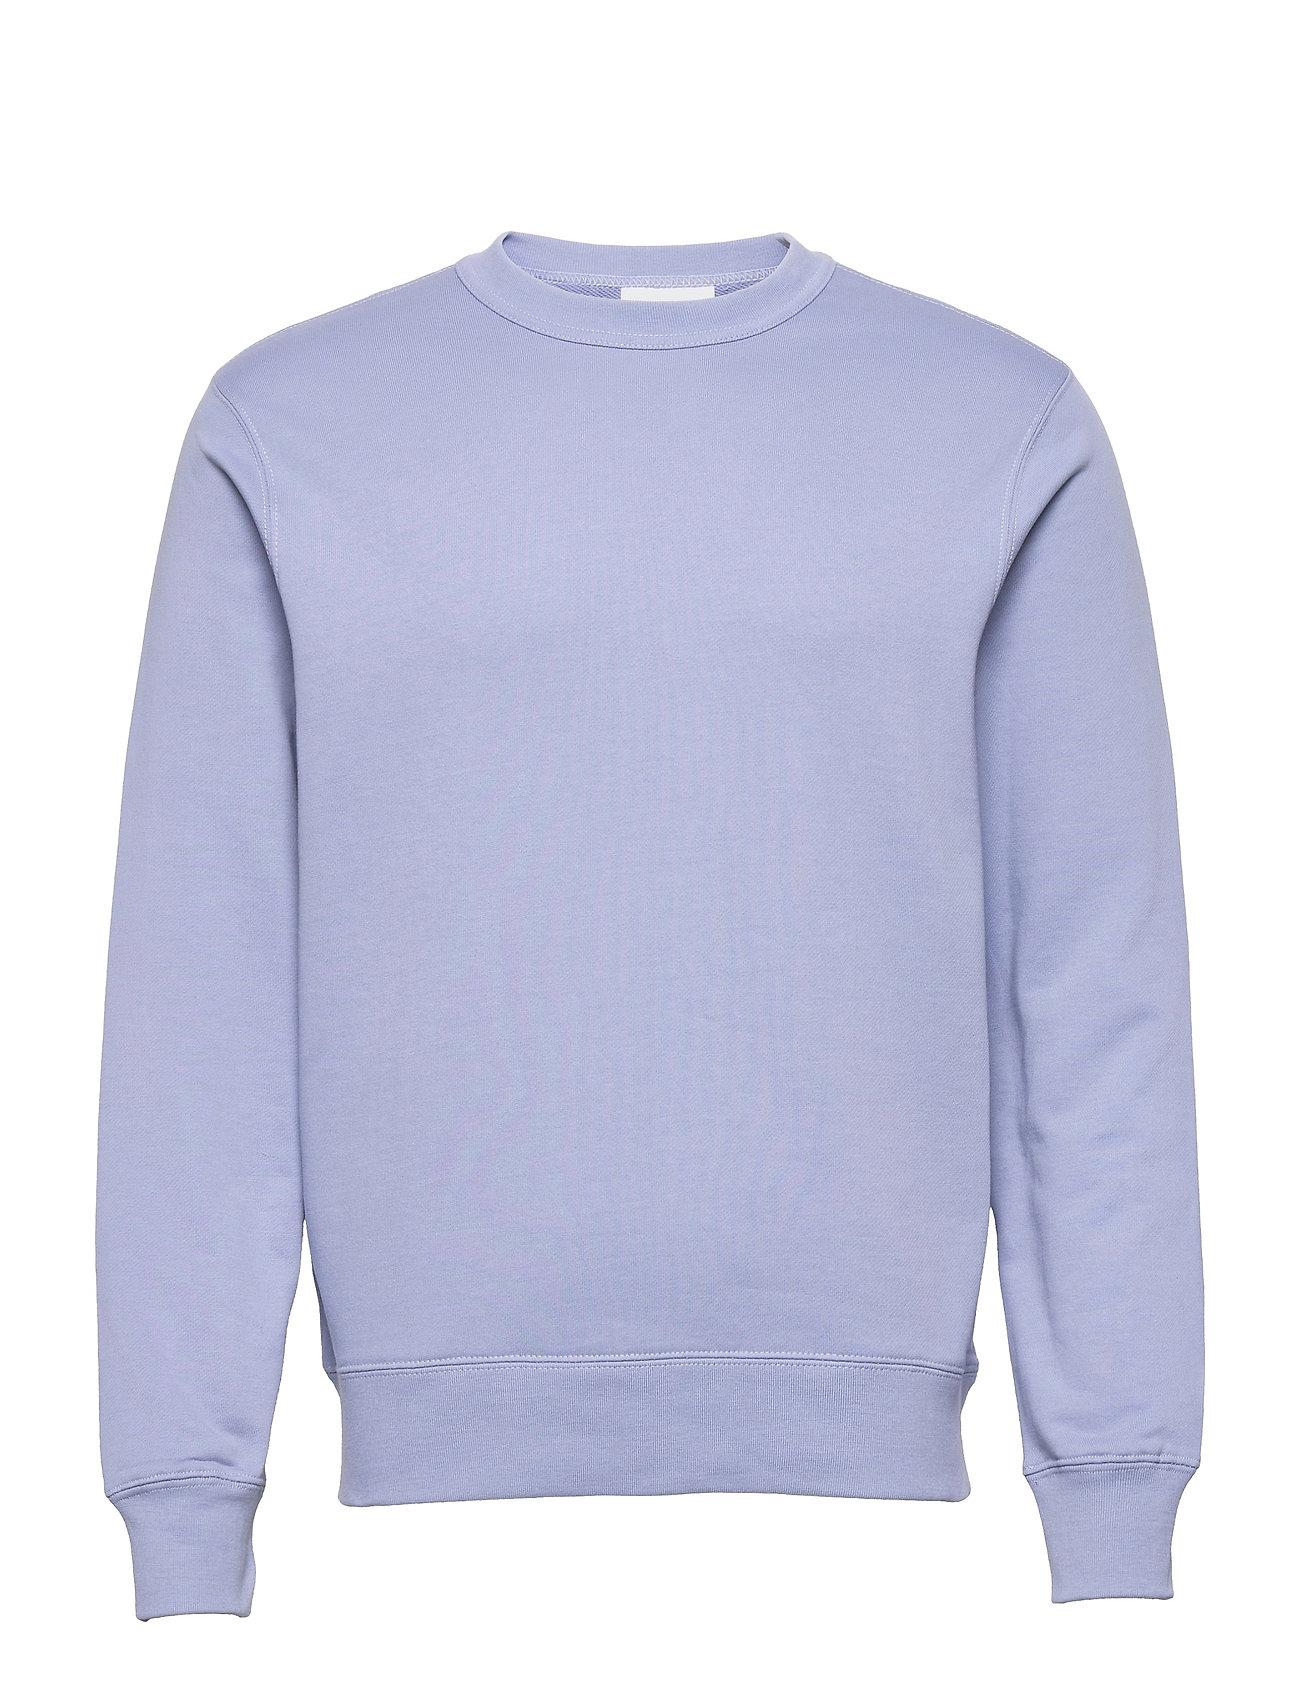 Nole Sweatshirt Trøje Blå Mango